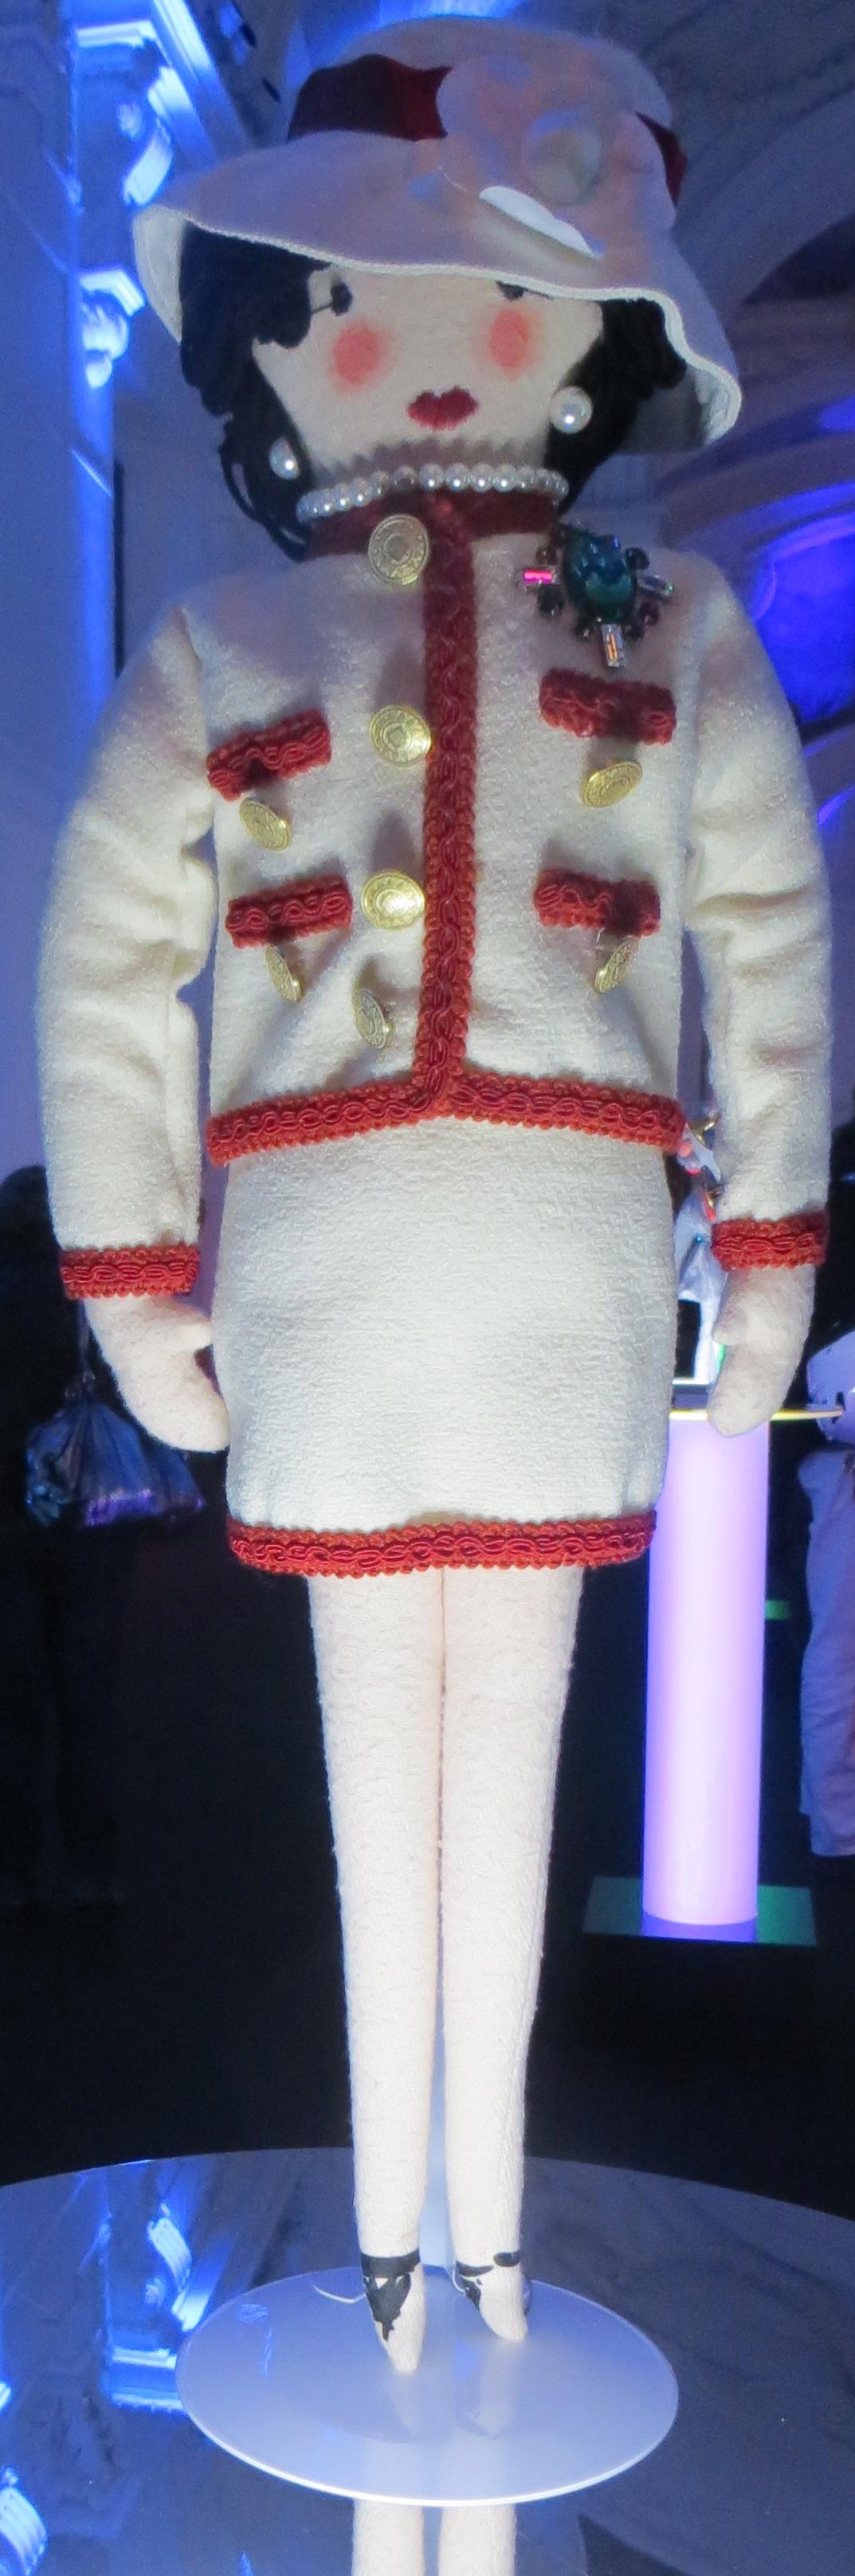 Chanel doll 2012